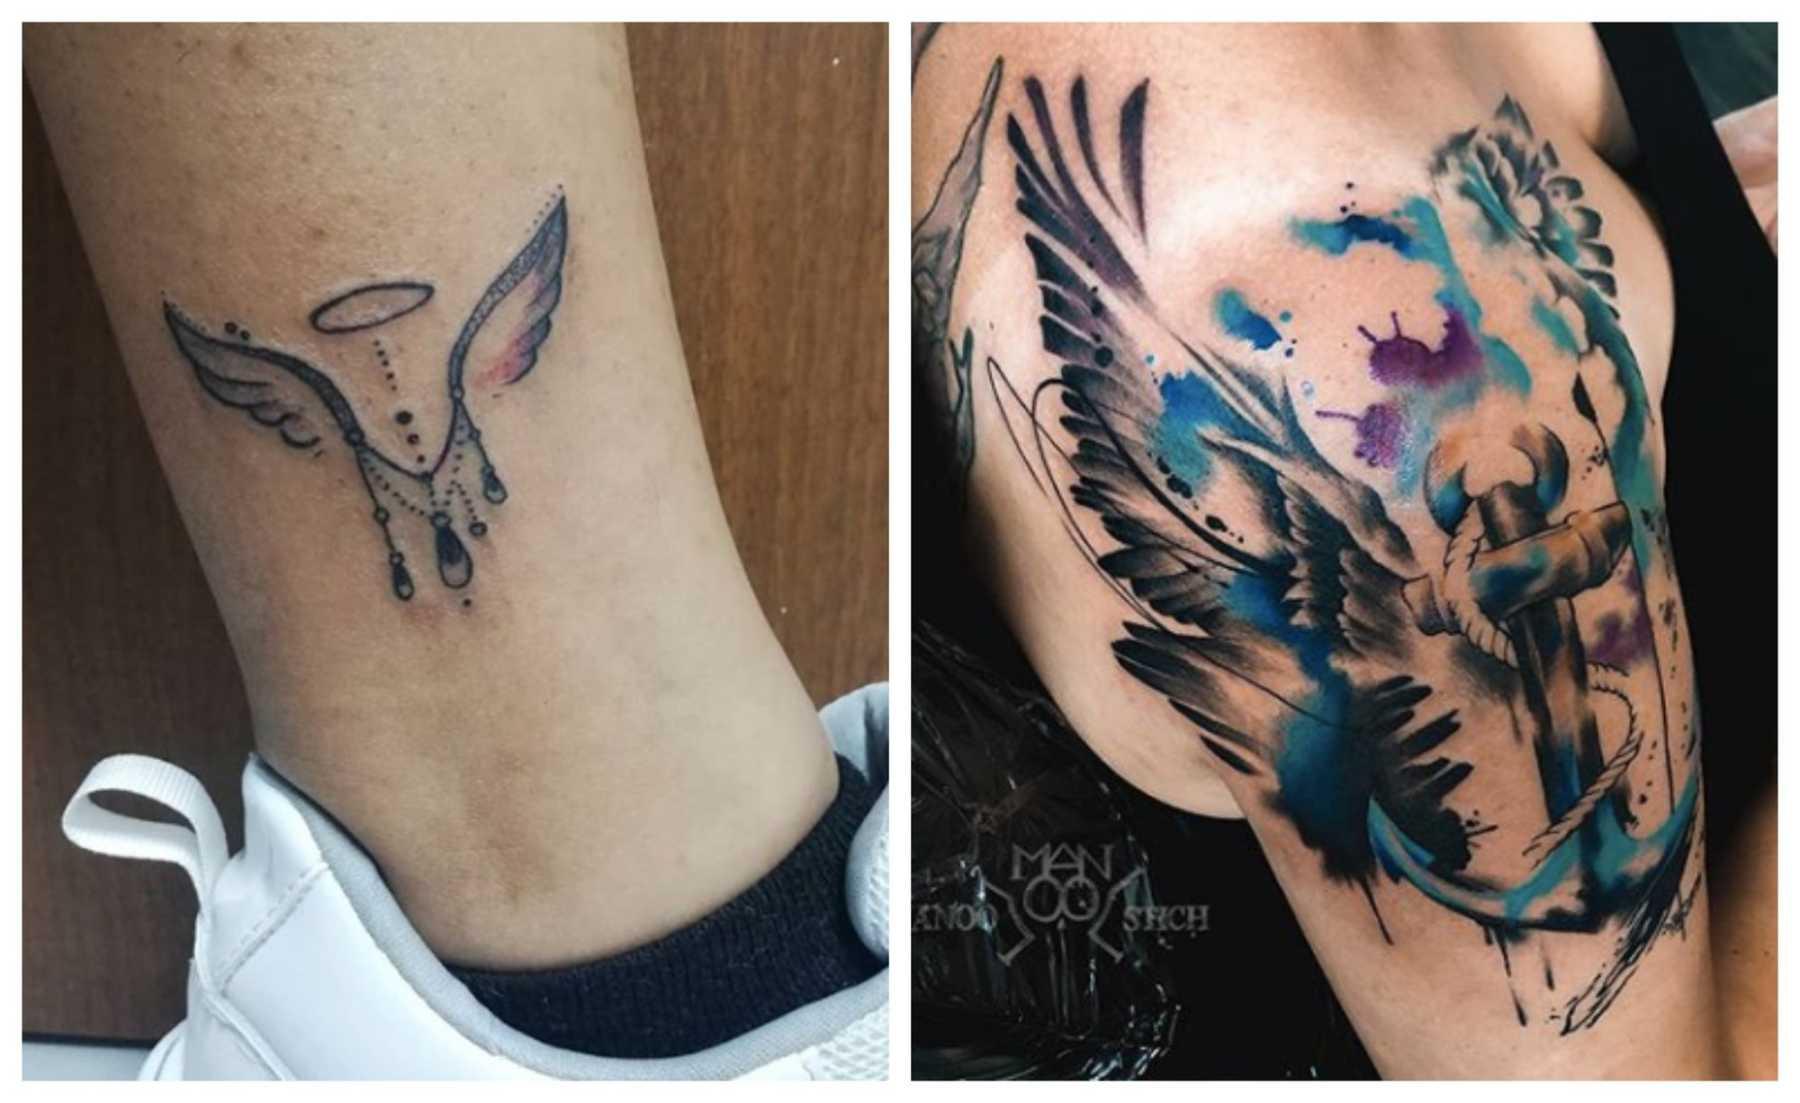 20 Lovely Light & Disturbingly Dark Angel Tattoos | CafeMom.com